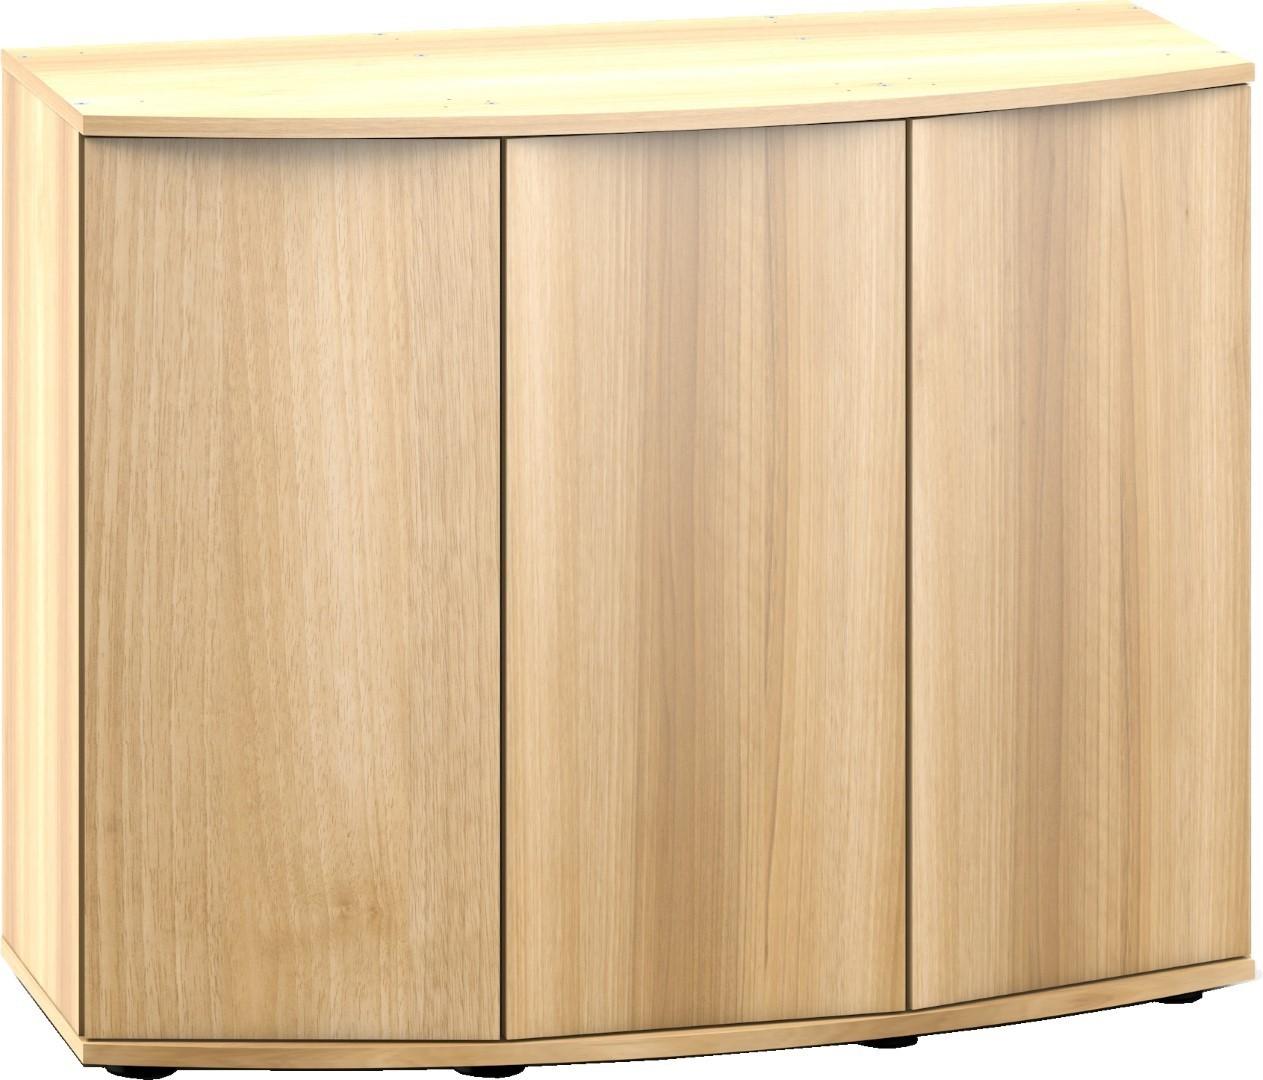 Juwel meubel bouwpakket SBX Vision 180 licht eiken